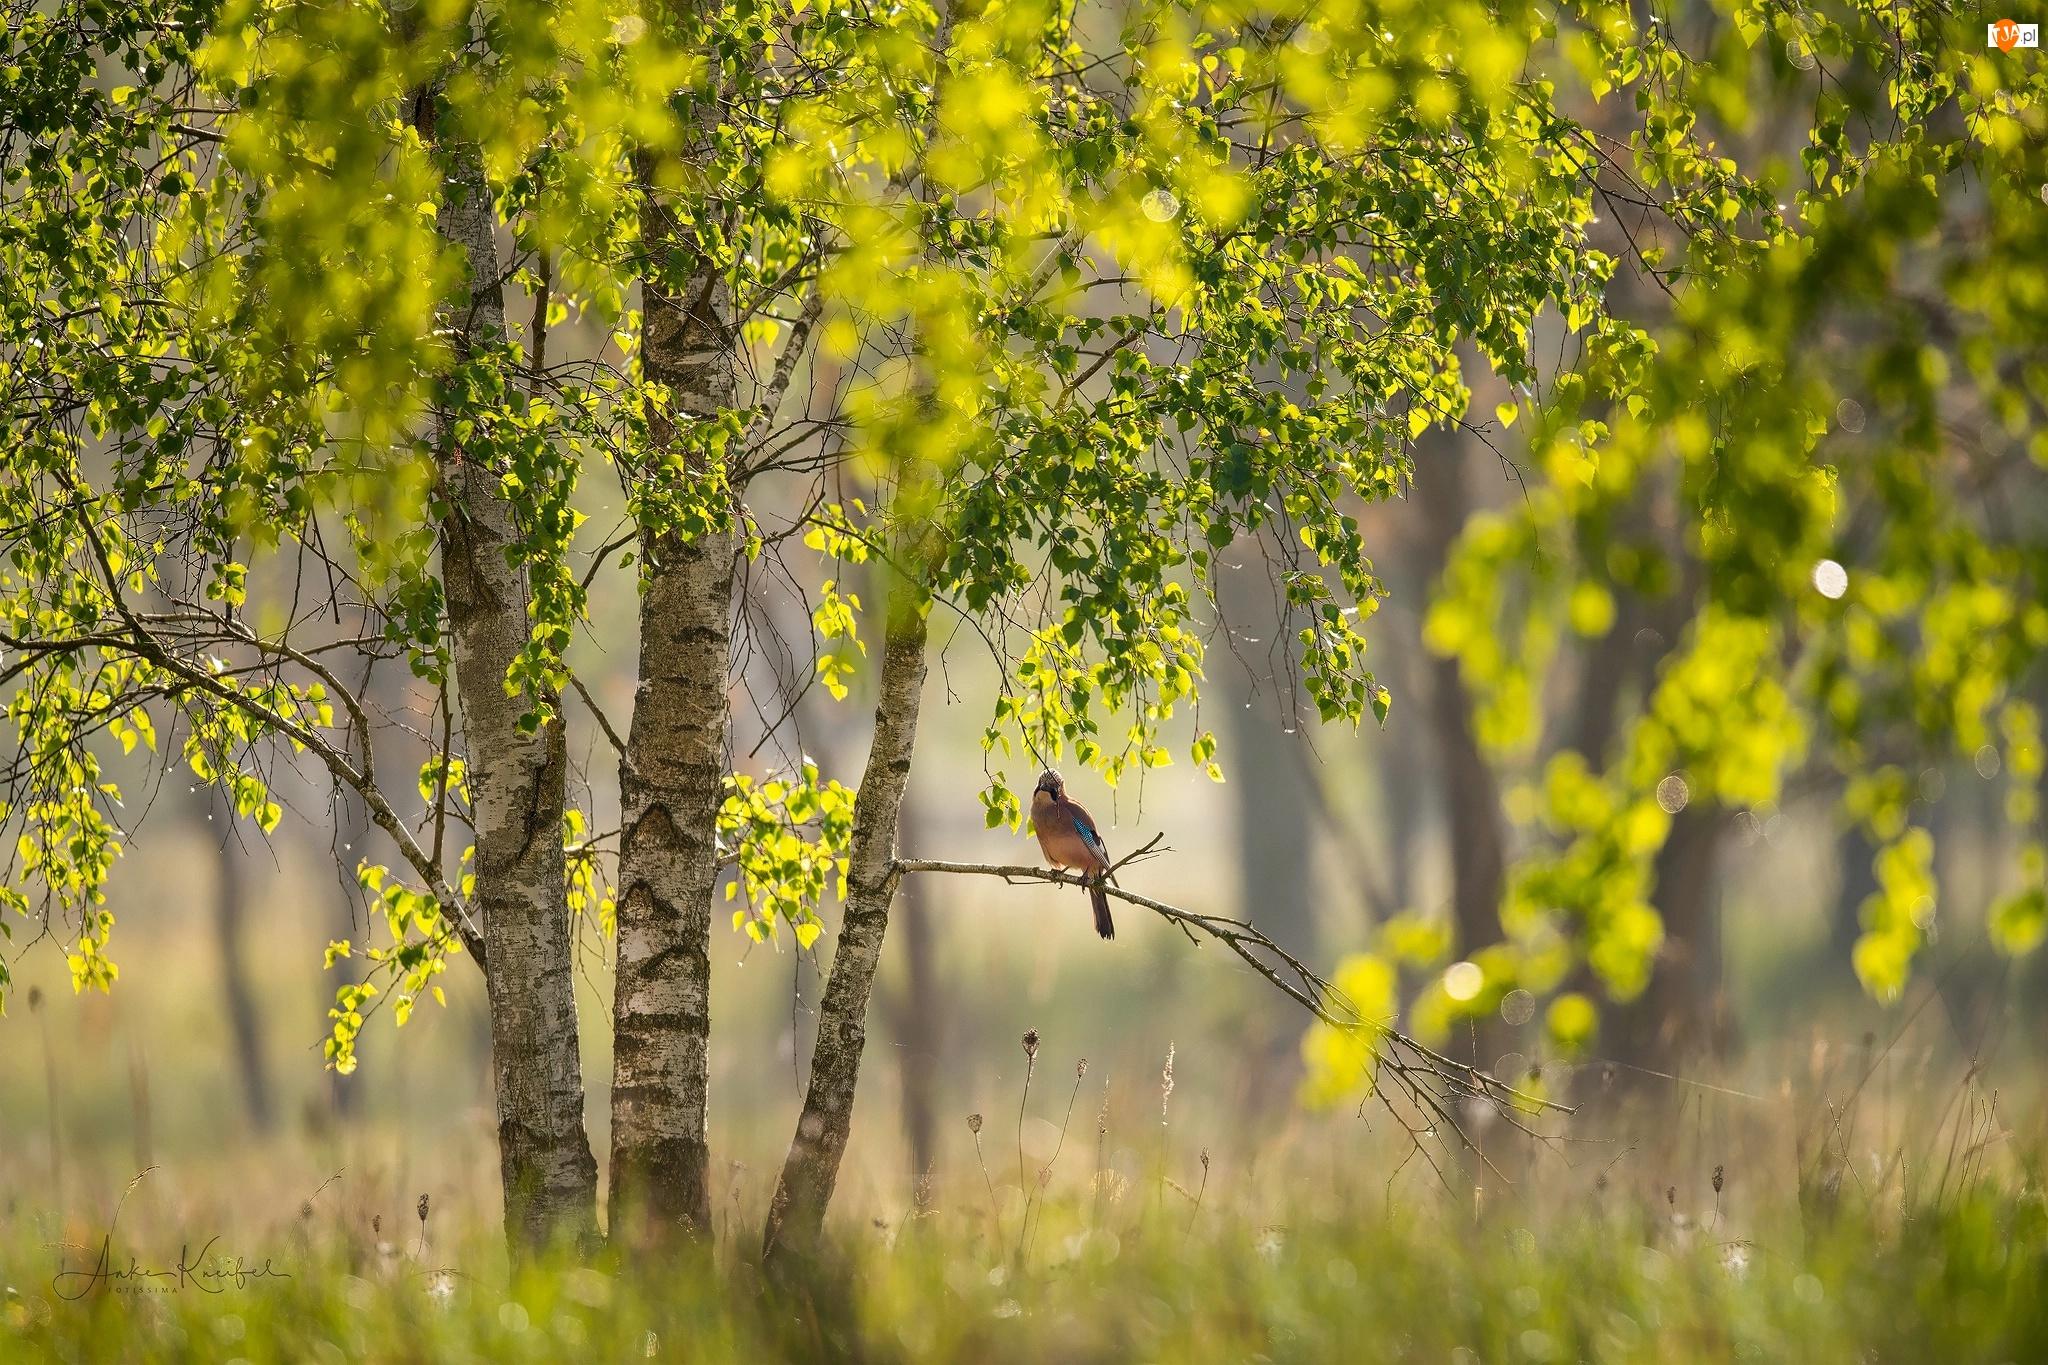 Ptak, Gałąź, Brzozy, Drzewa, Sójka